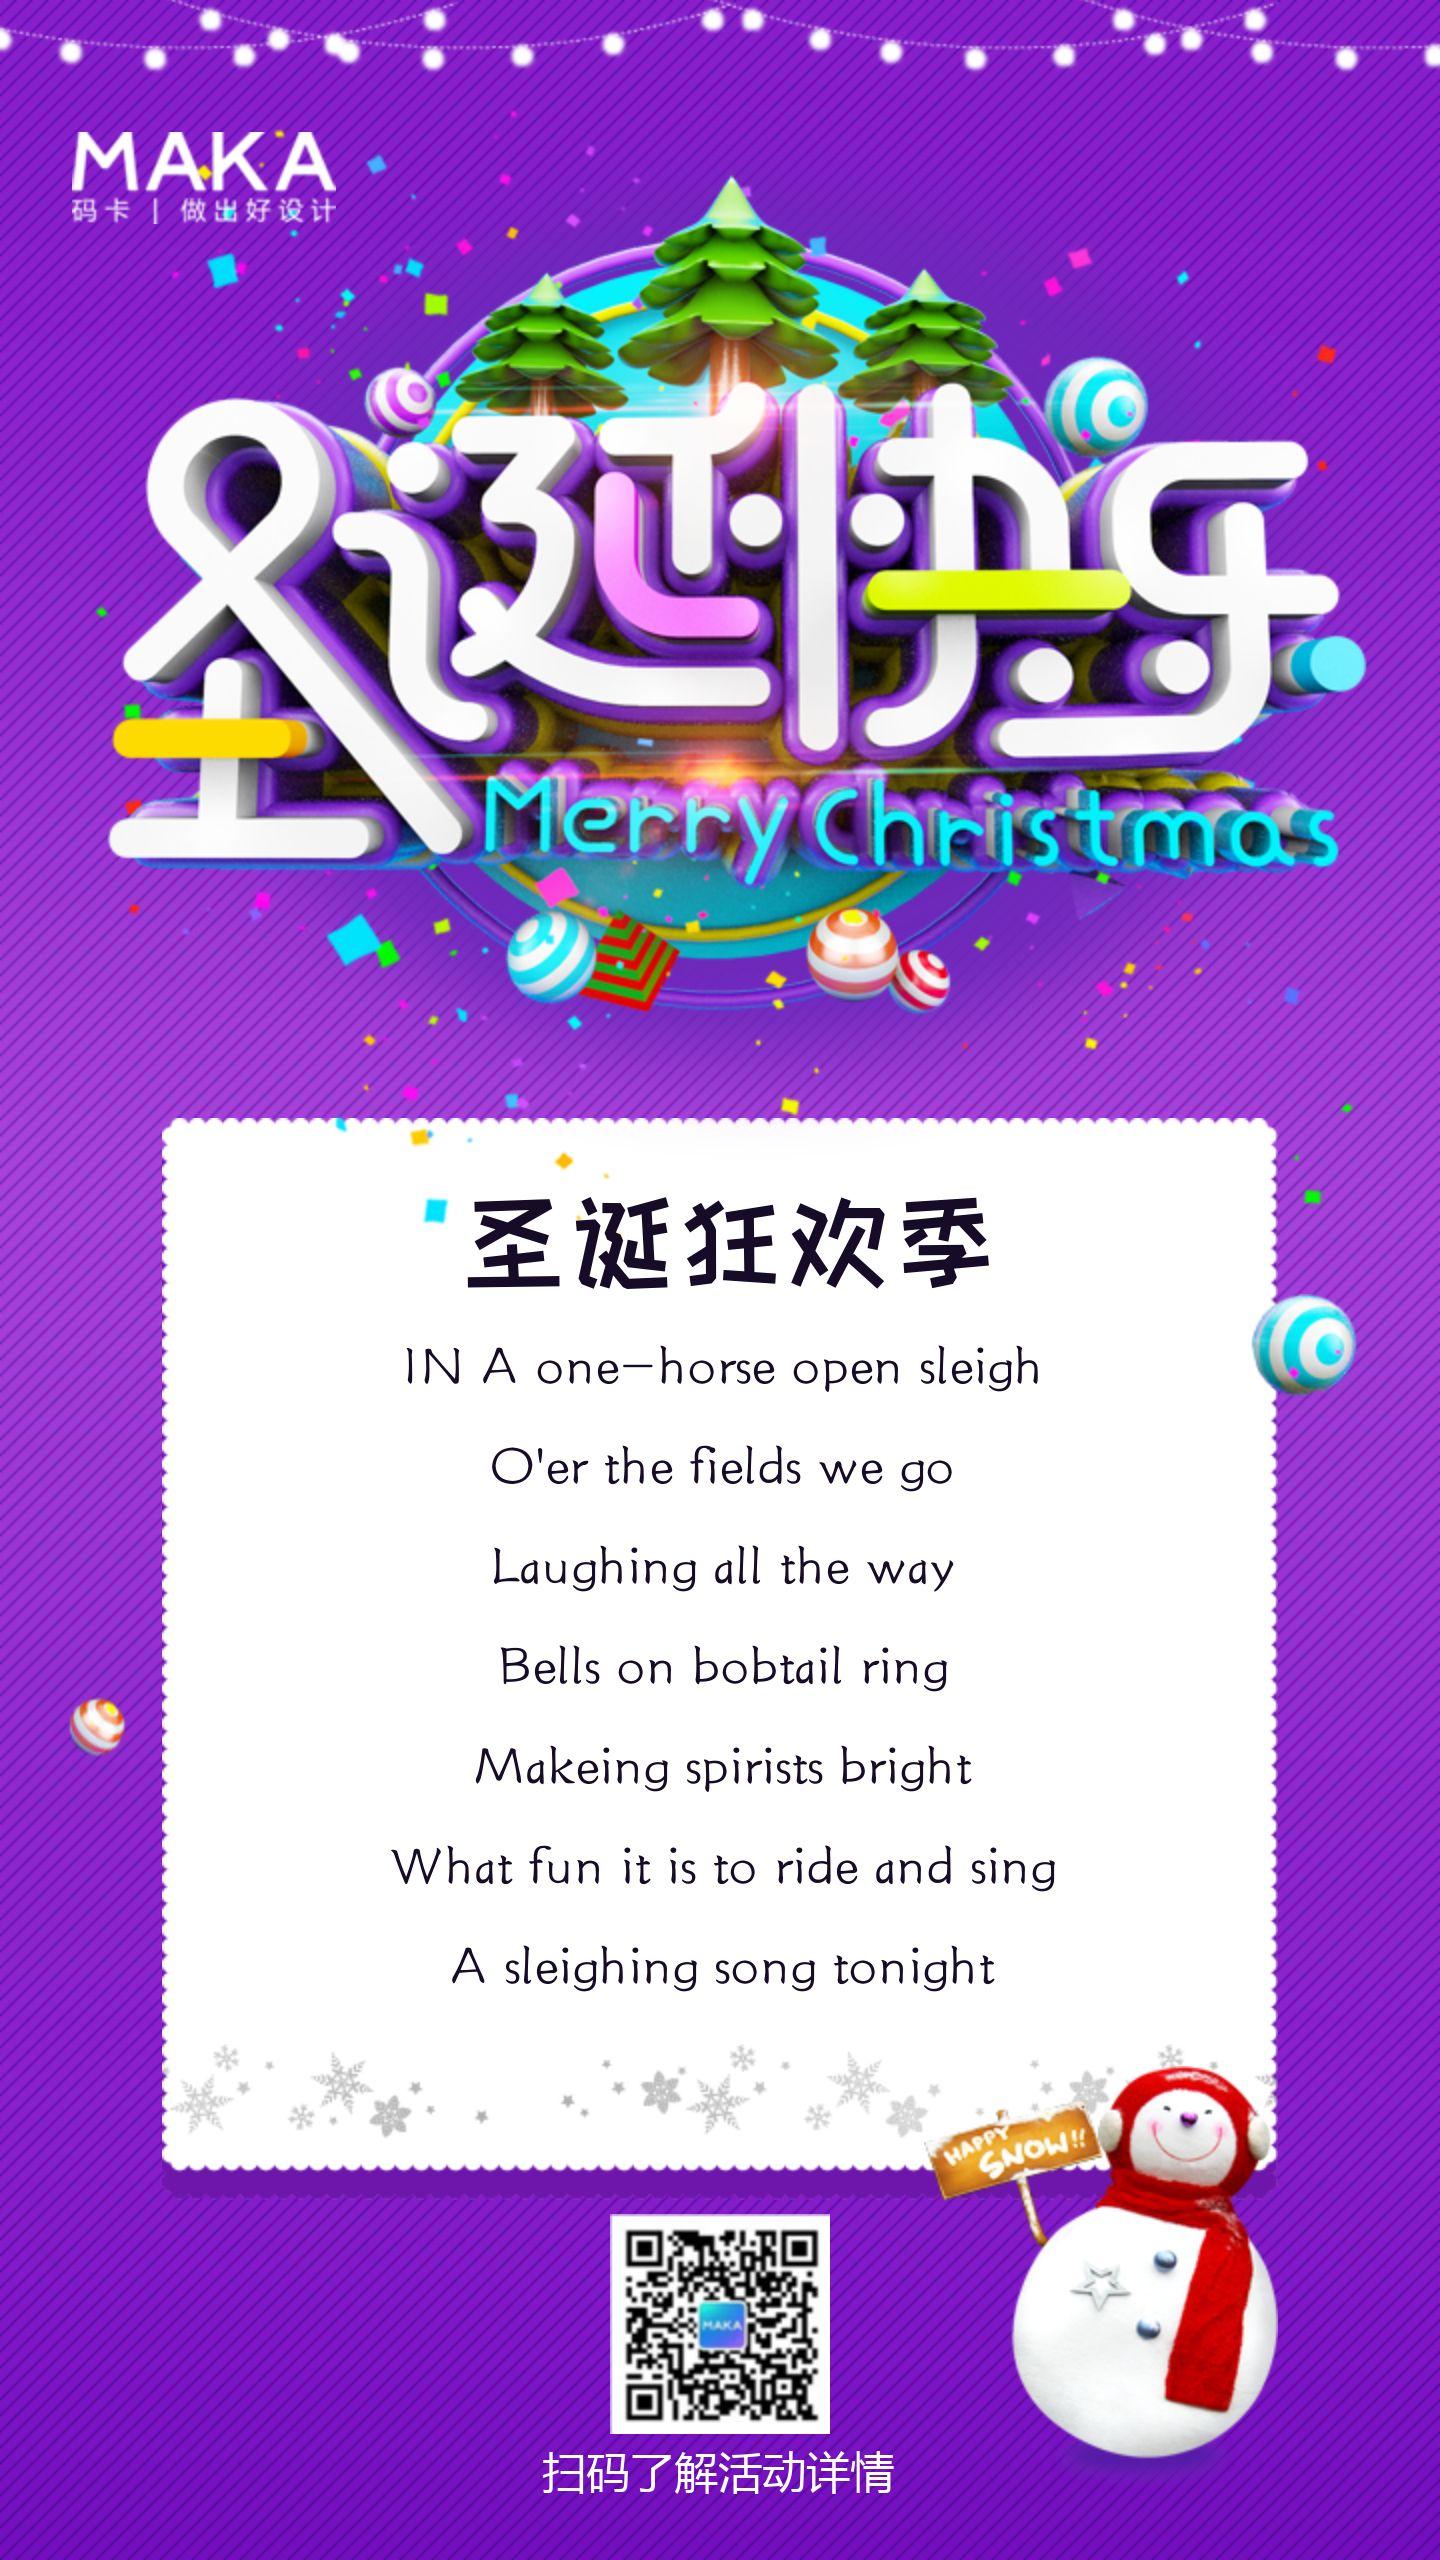 紫色商务科技圣诞节促销活动手机宣传海报